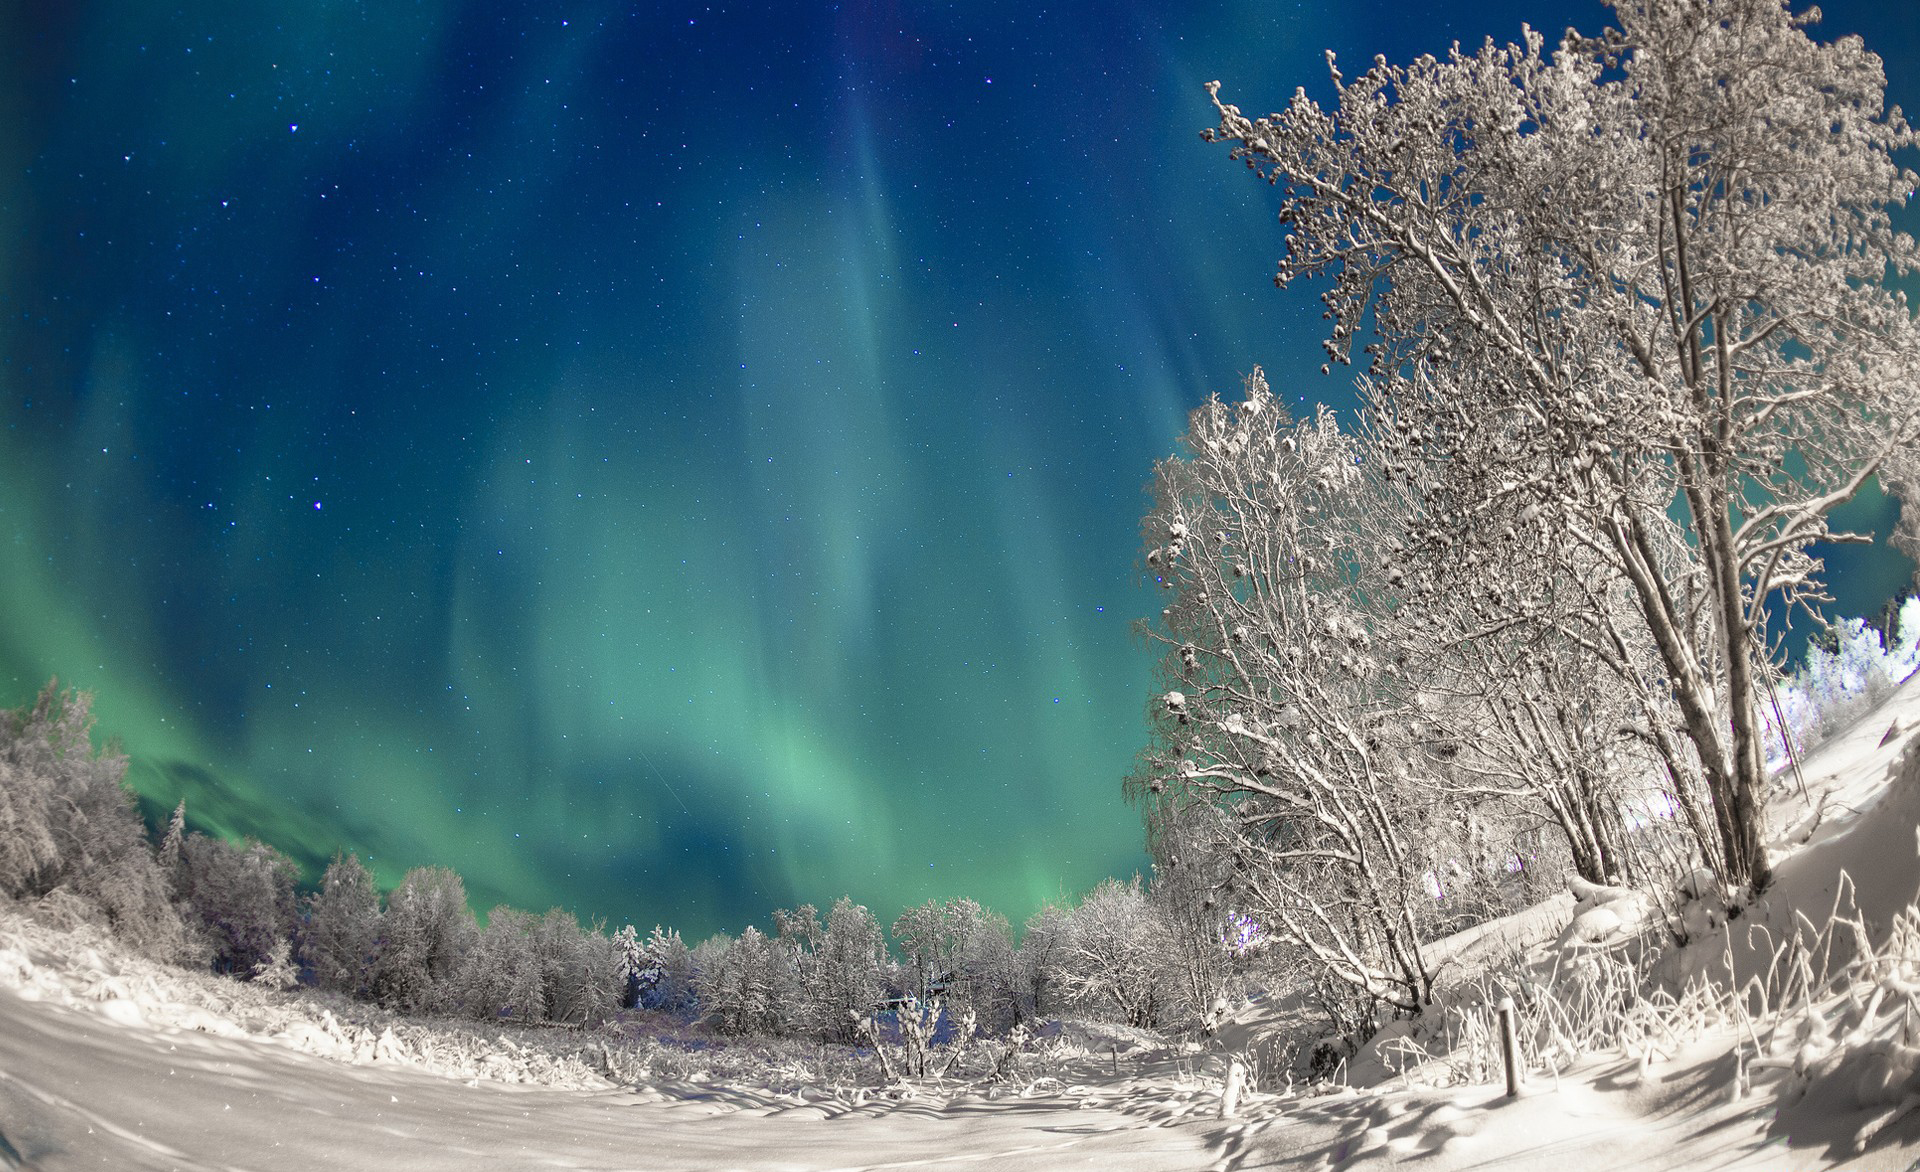 Aurora boreale sfondi per pc 1920x1172 id 364373 for Sfondi aurora boreale